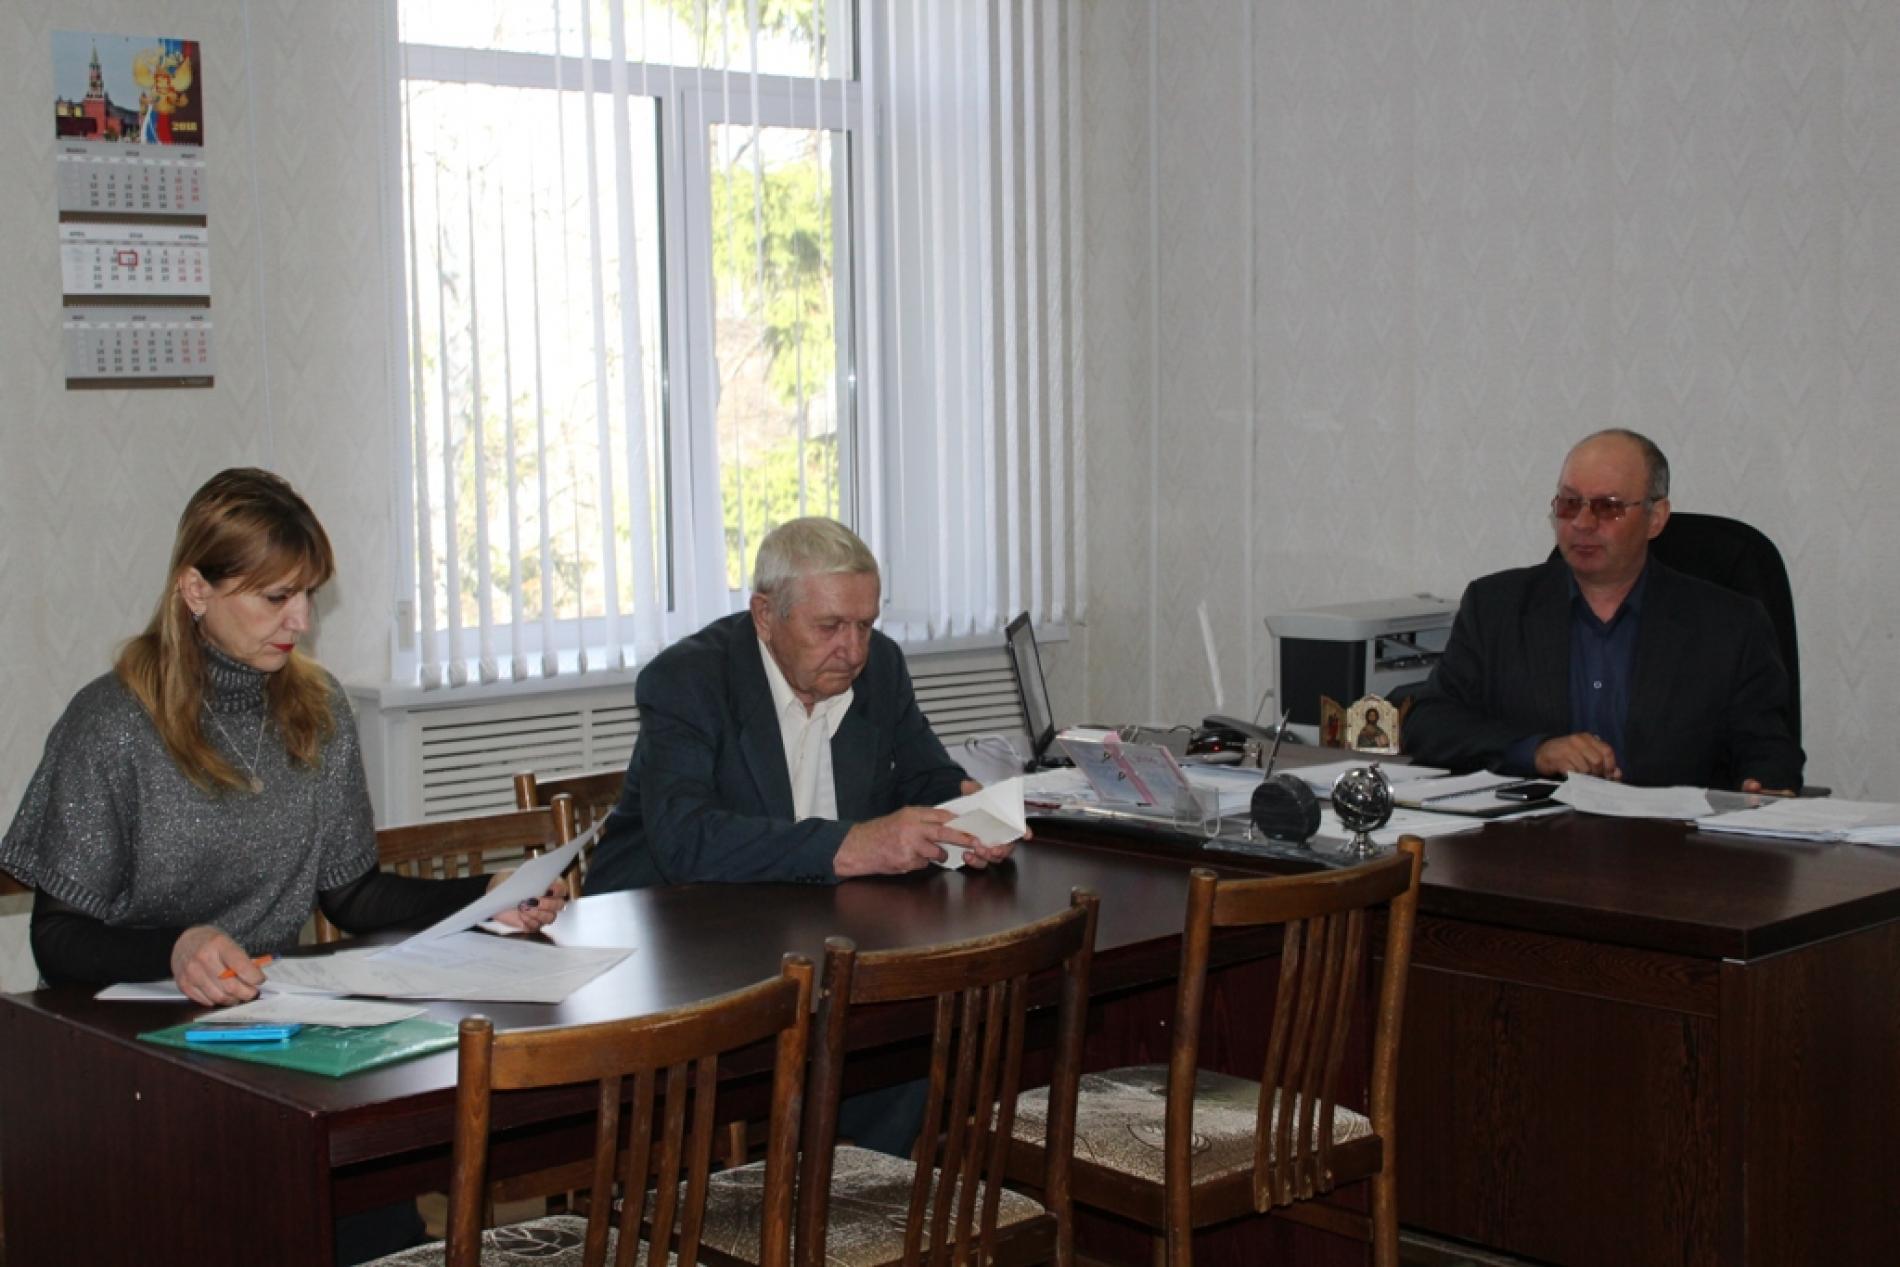 Заседание по подготовке к празднованию 73-й годовщине Победы в Великой Отечественной войне 1941-1945гг.